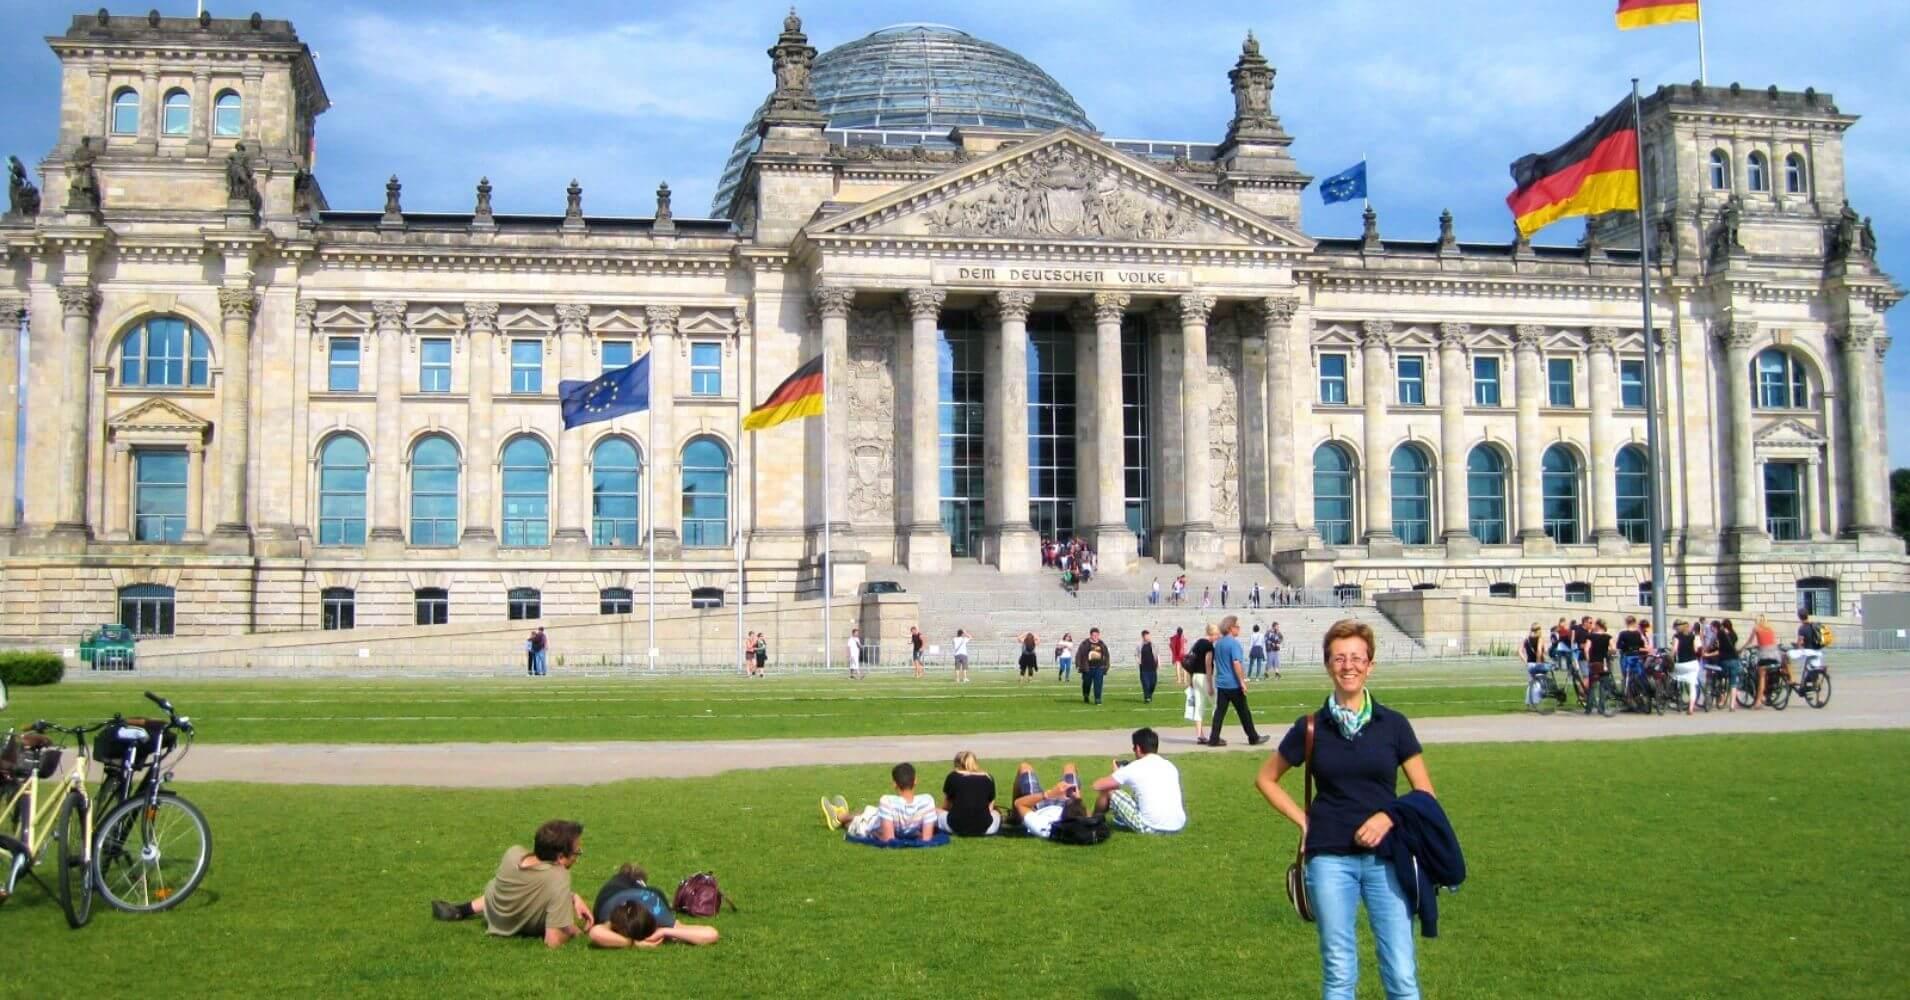 Edificio del Parlamento. Reichstag. Capital de Alemania.